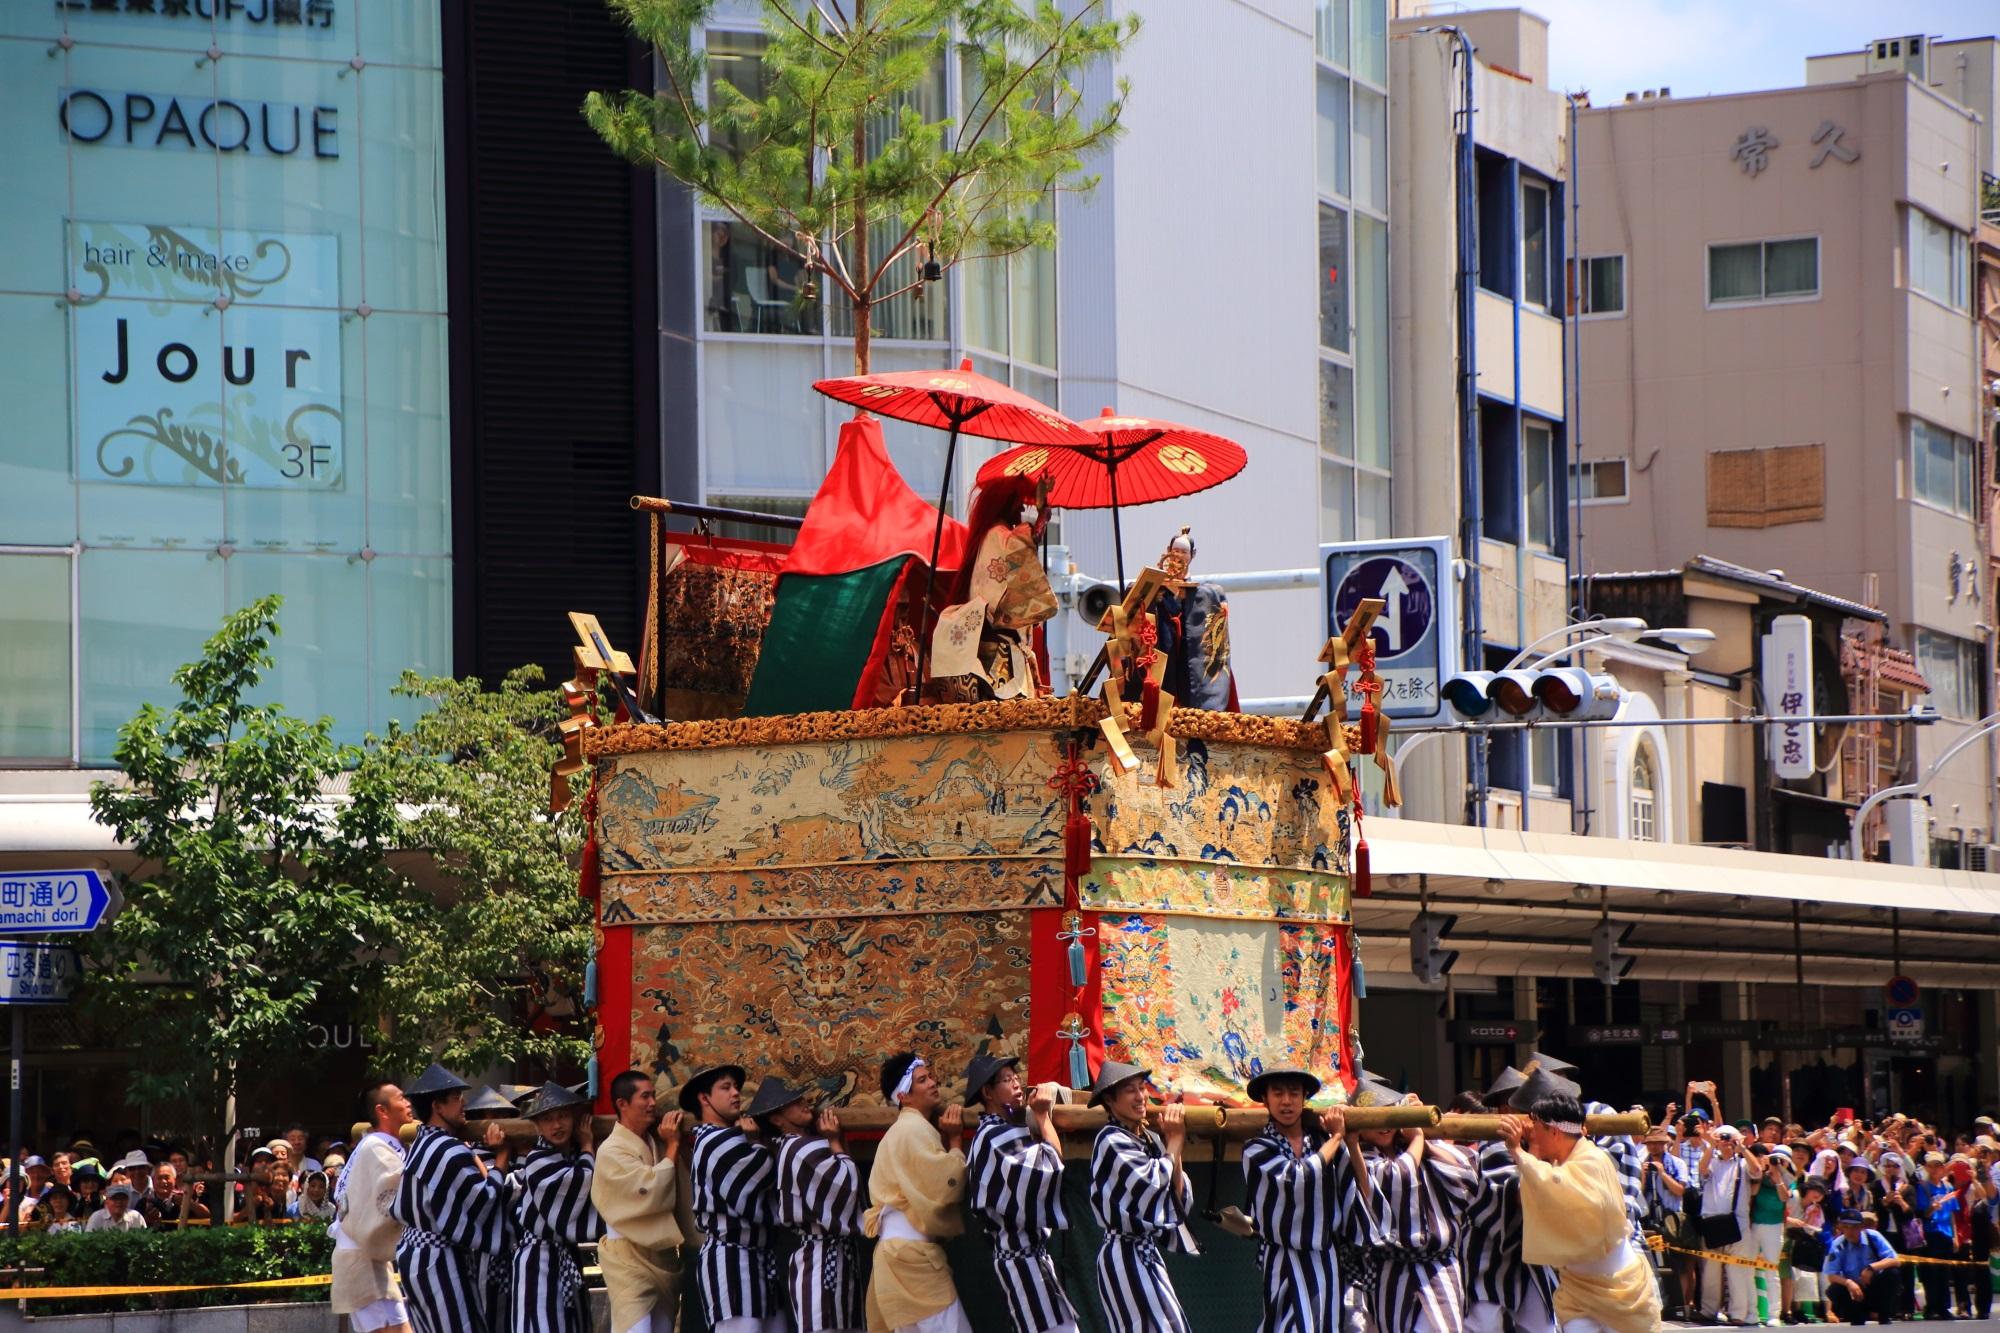 祇園祭後祭の山鉾巡行の役行者山(えんのぎょうじゃやま)